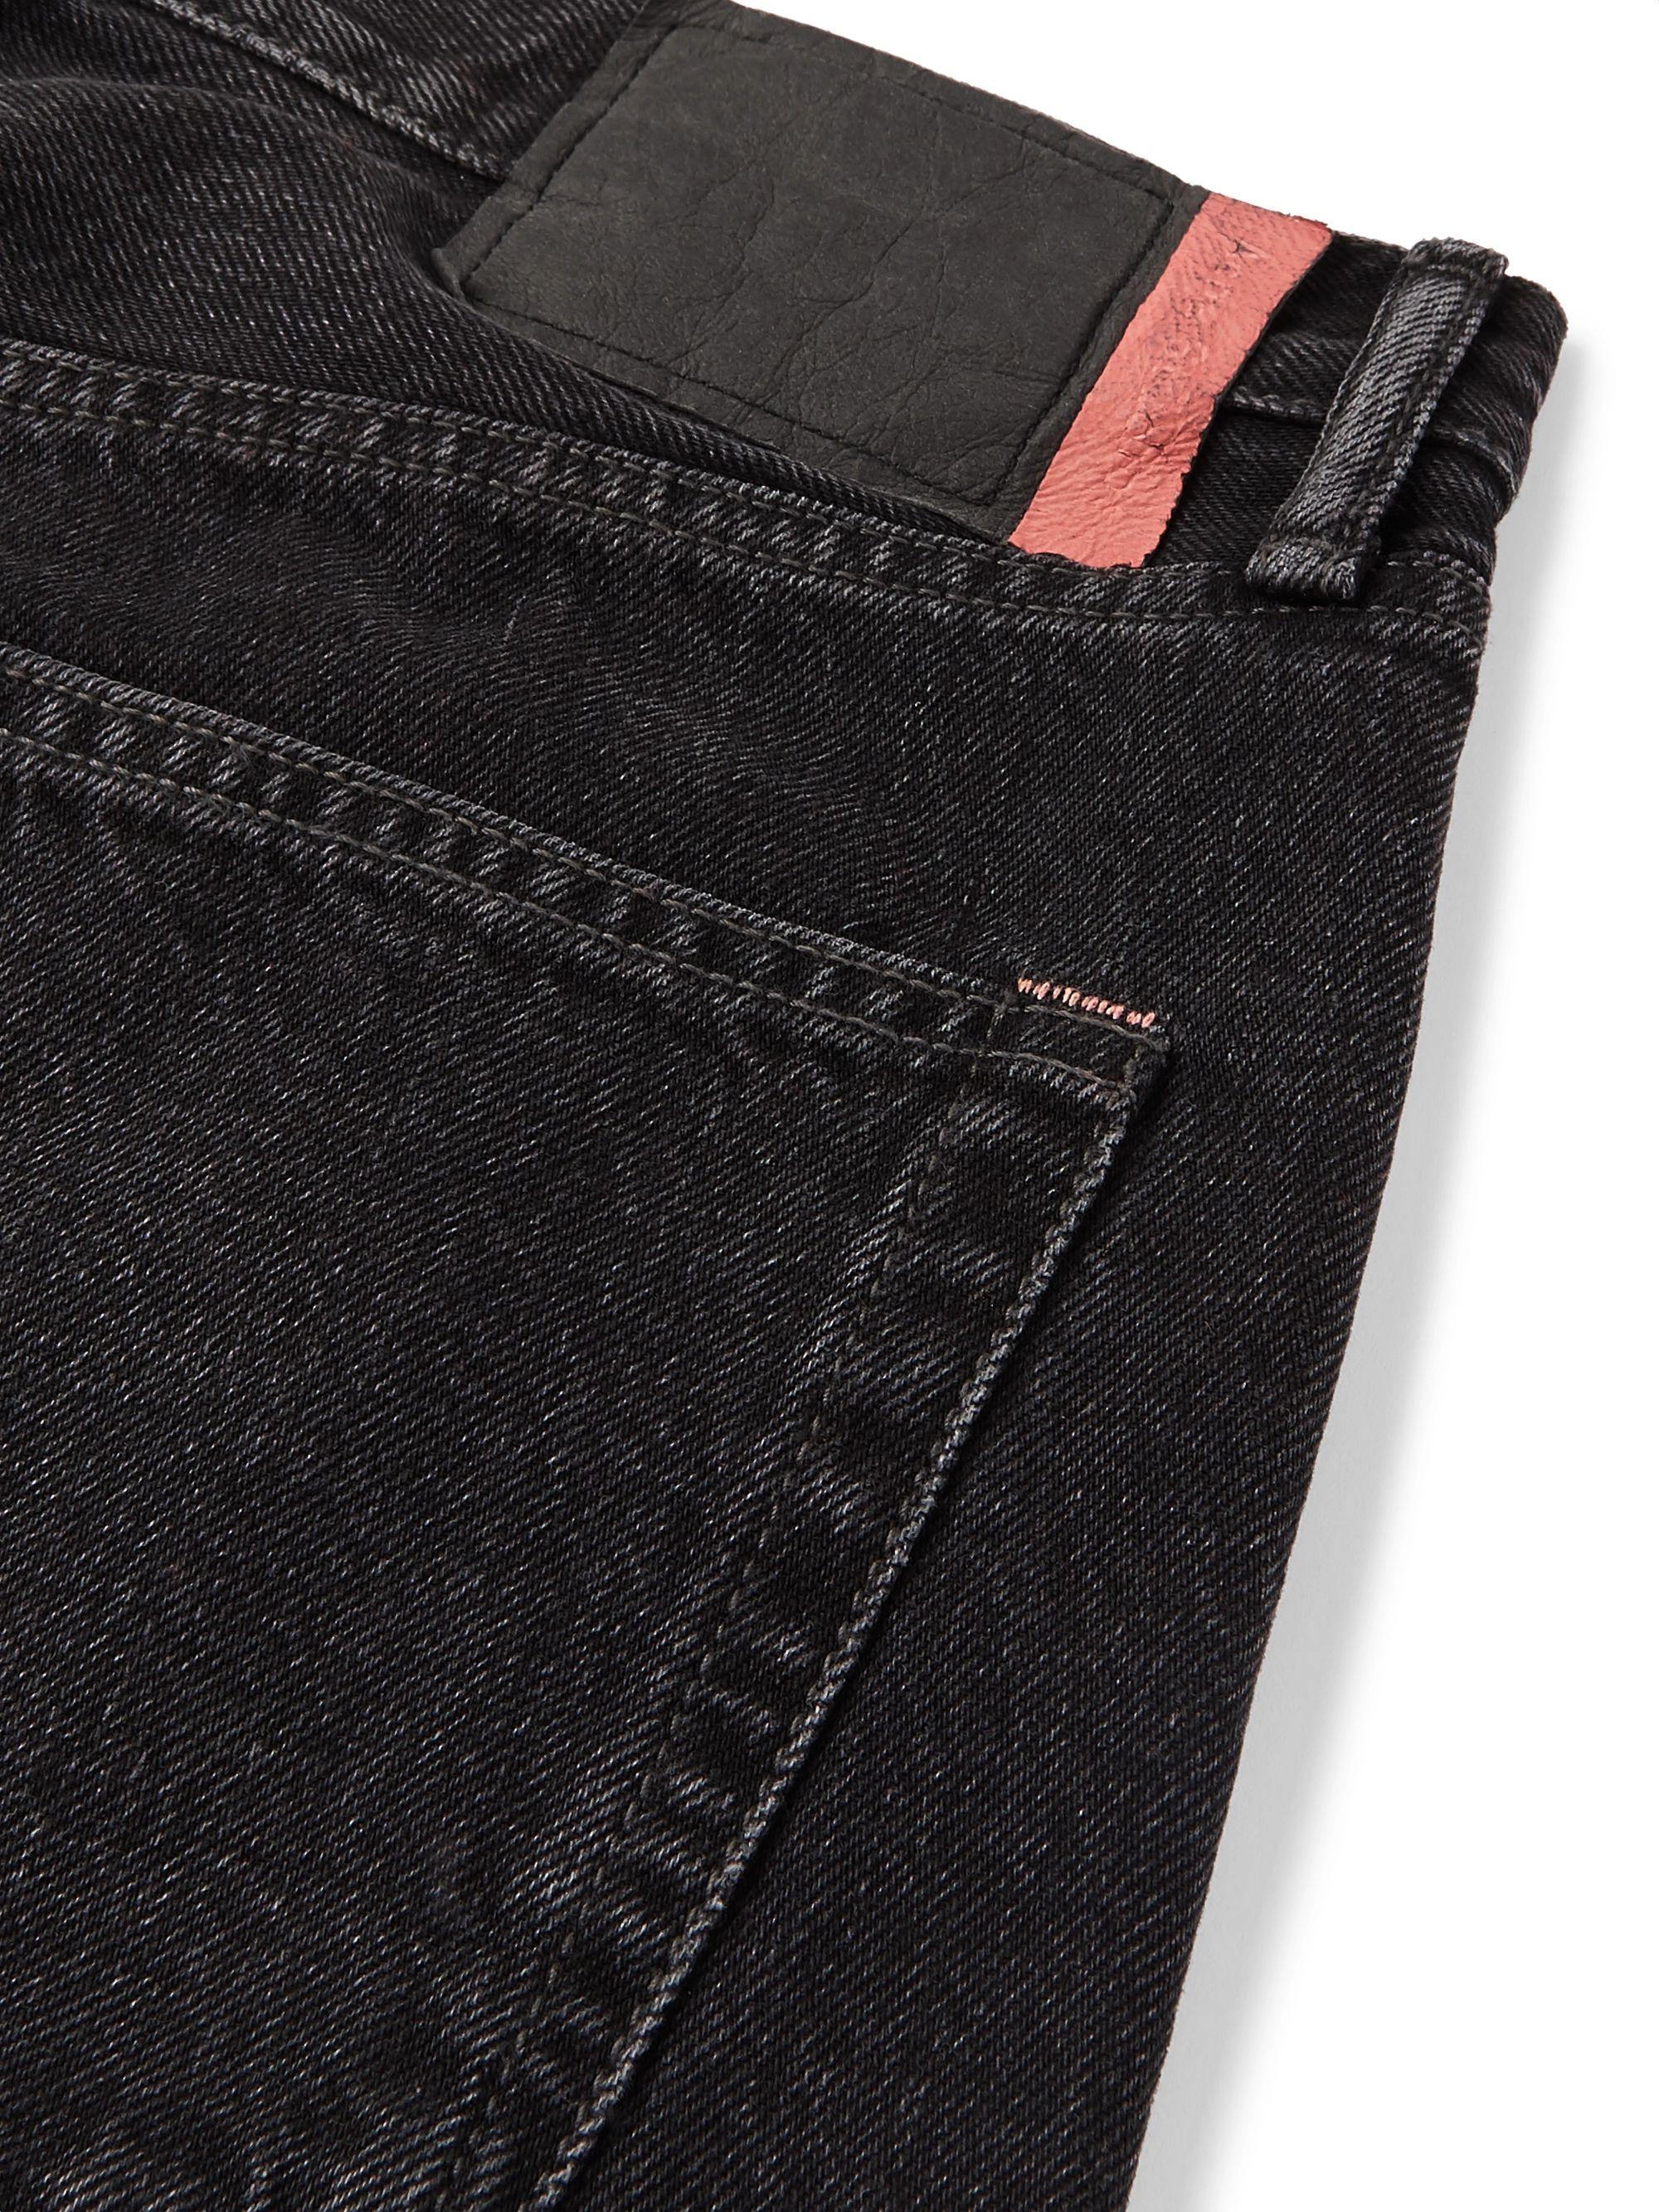 Black Denim Jeans | Acne Studios